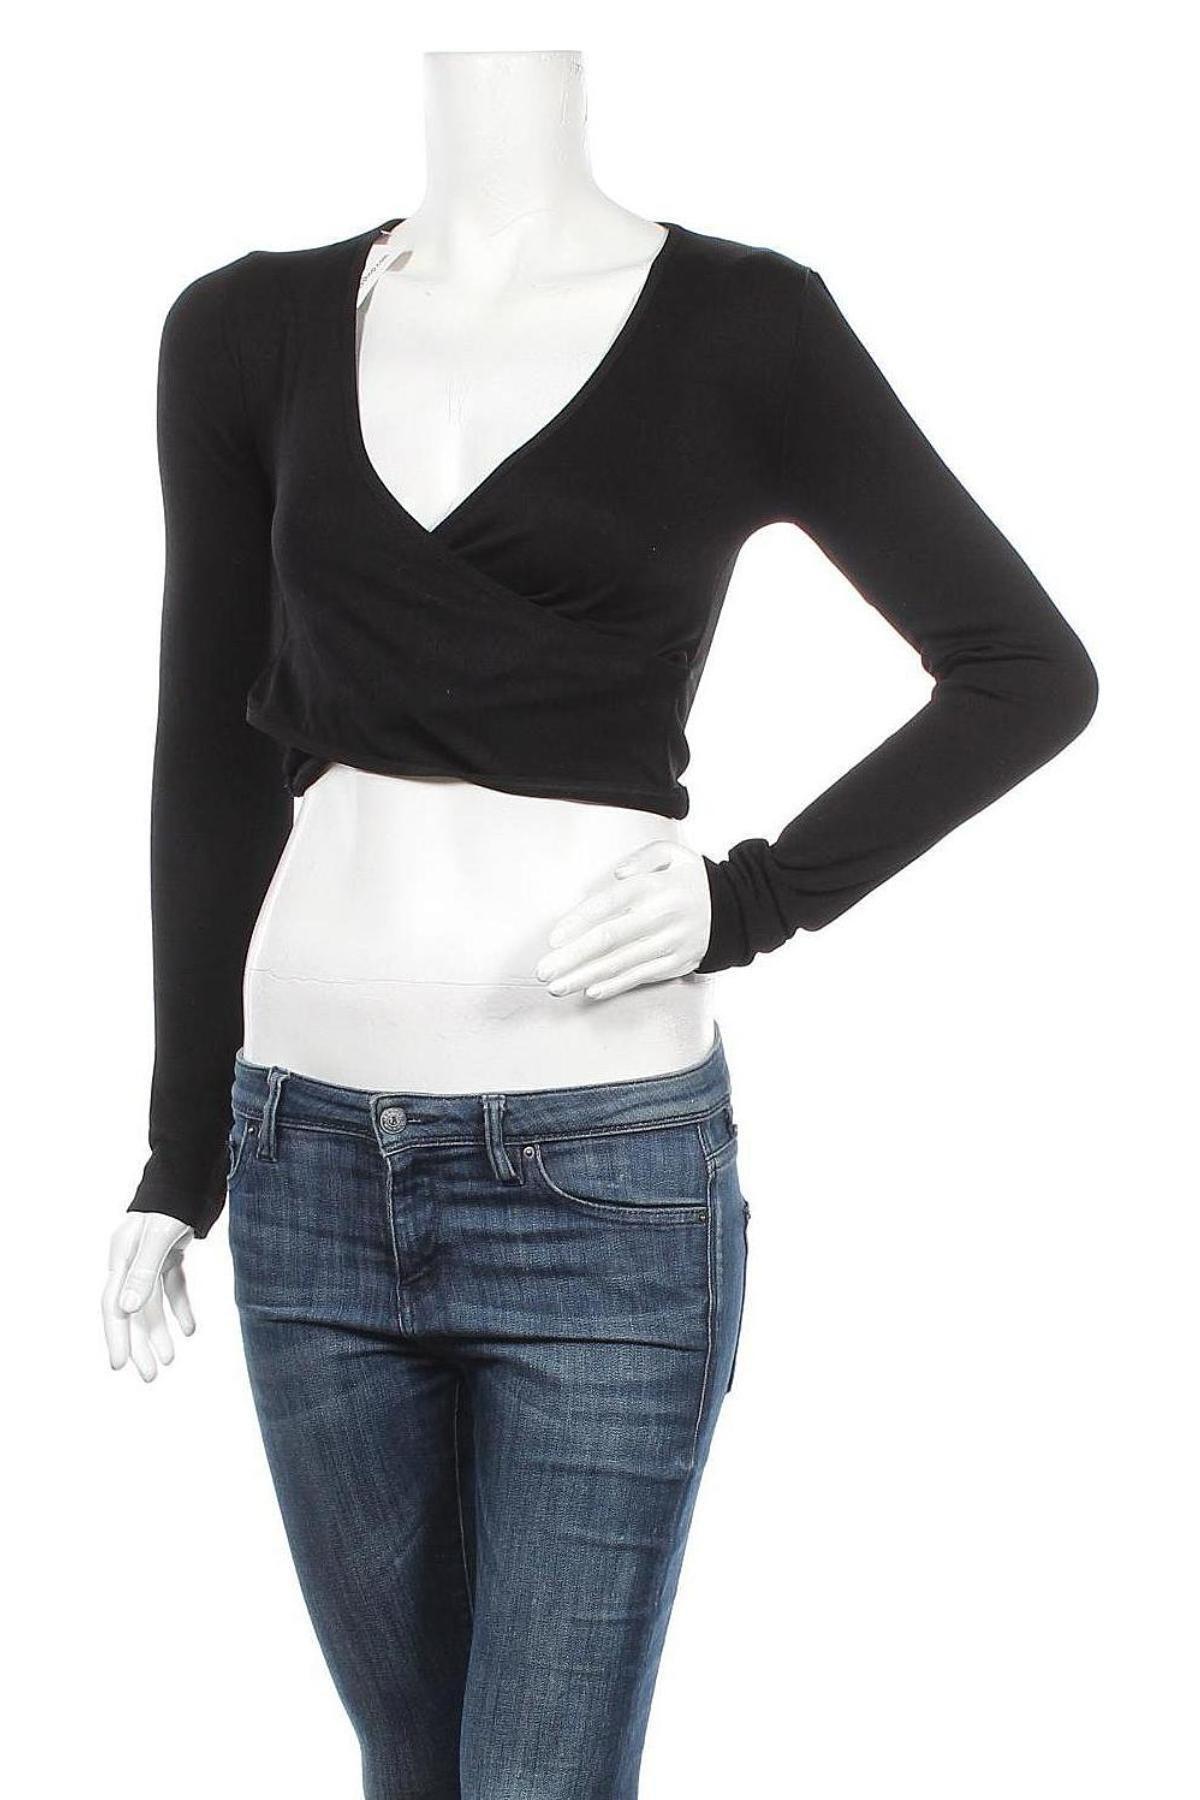 Γυναικεία μπλούζα BDG, Μέγεθος M, Χρώμα Μαύρο, 93% πολυαμίδη, 7% ελαστάνη, Τιμή 16,24€